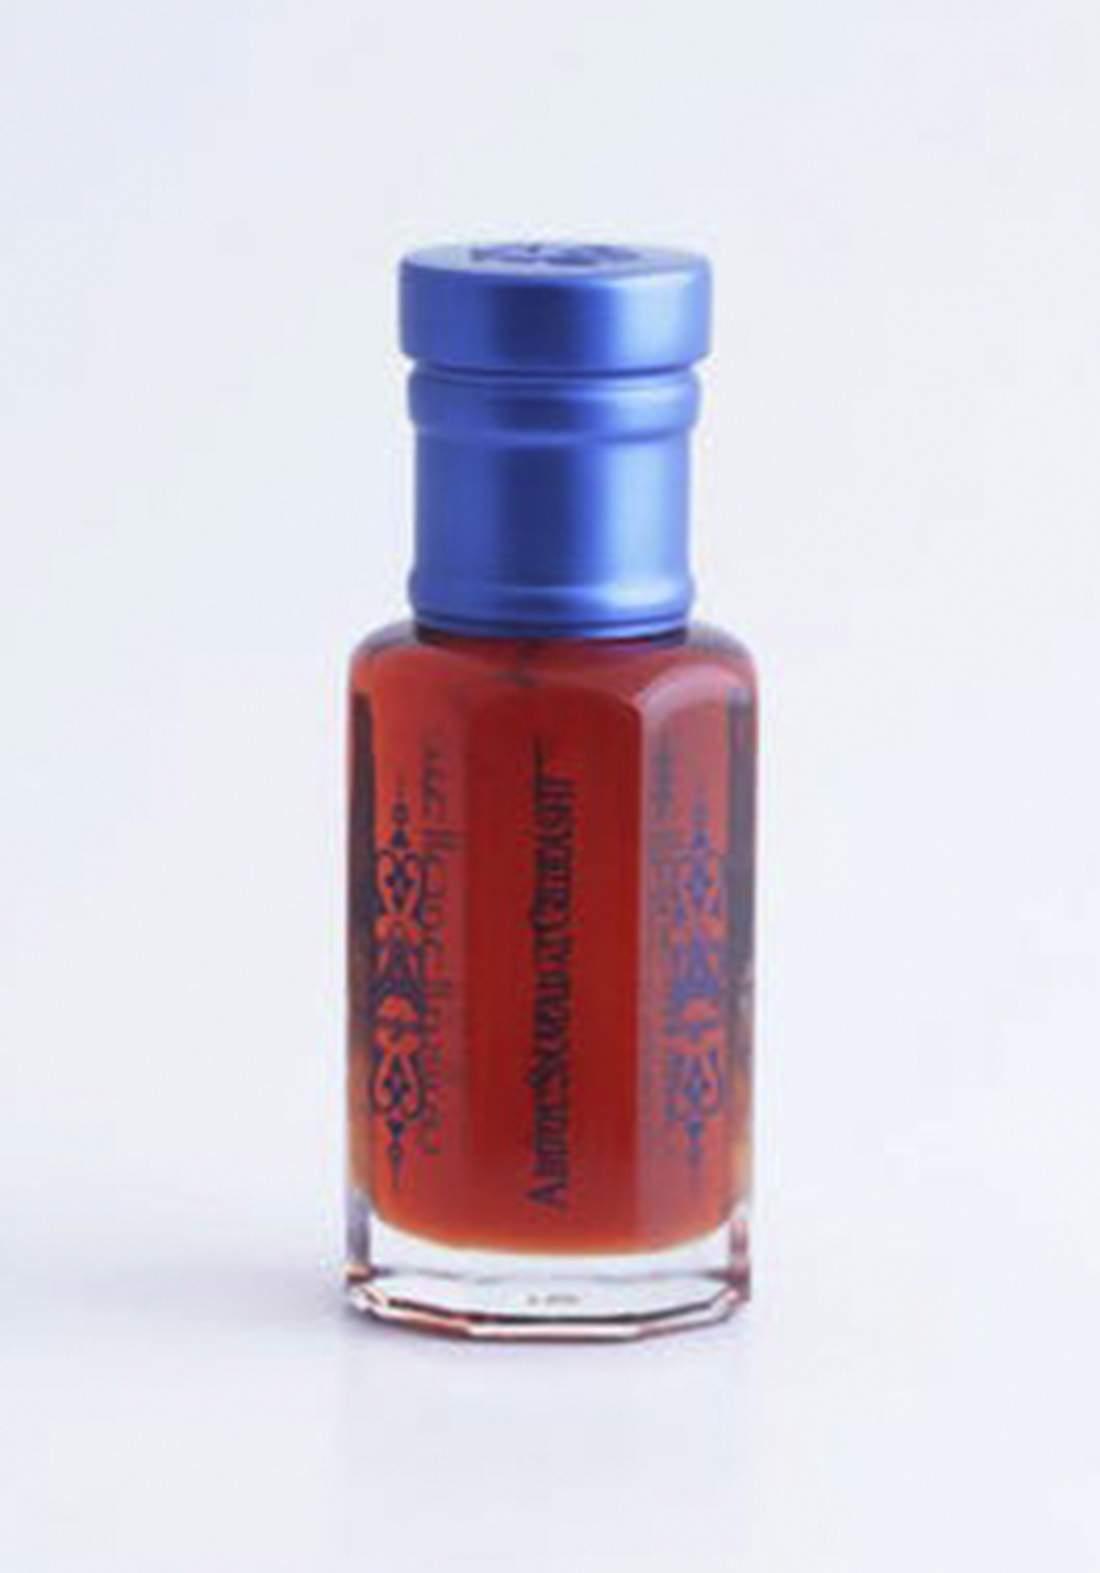 Abdul Samad Al Qurashi-13130 hold the feeling  Mix Perfume Oil 12g  عطر زيتي